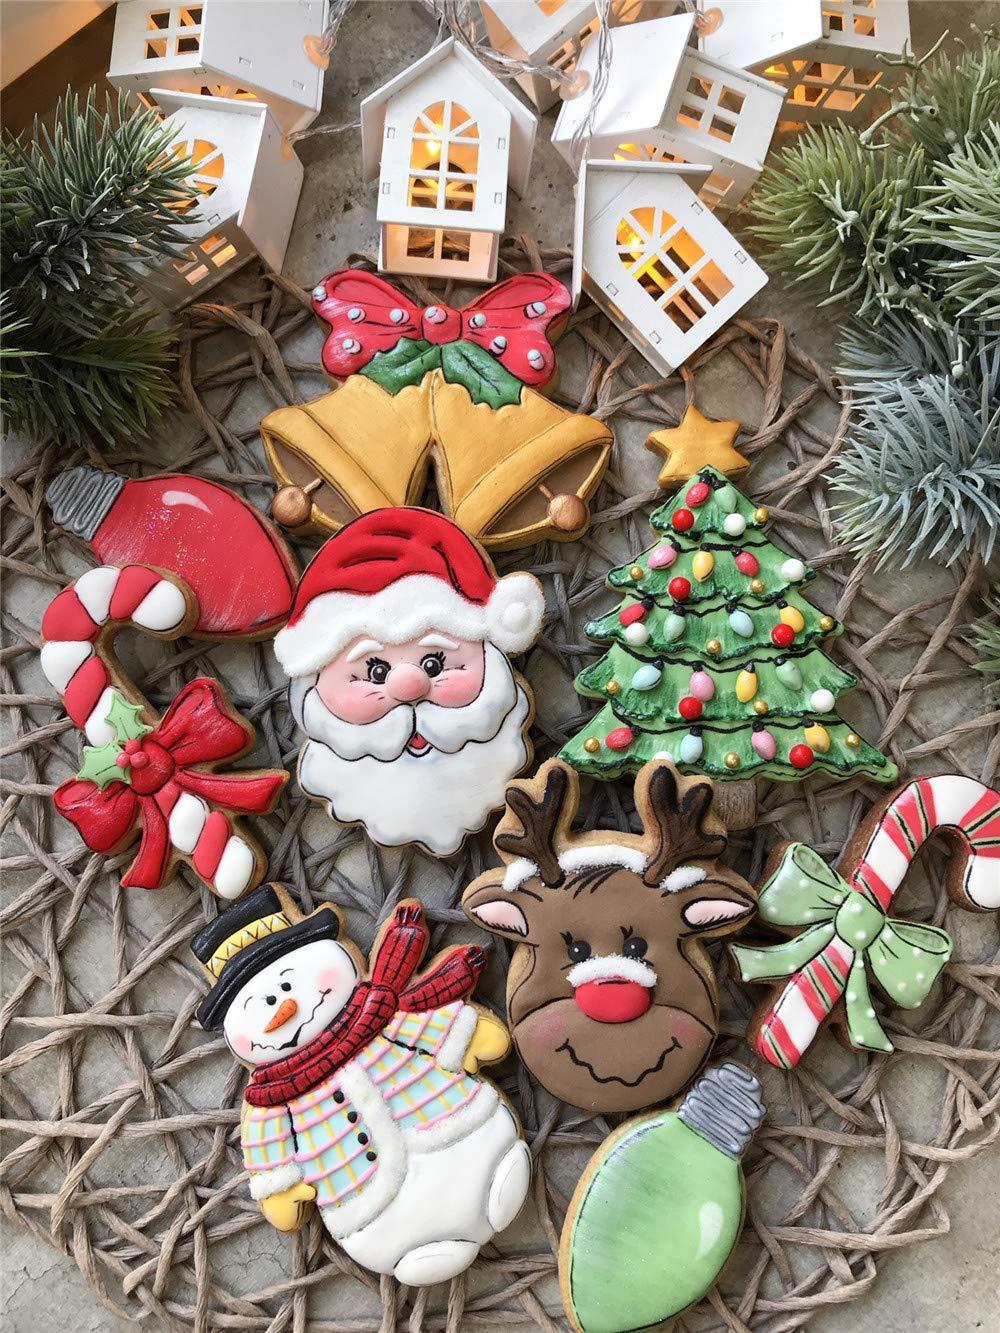 9,4 x 11,8 cm Acero Inoxidable KENIAO Navidad Cortadores Galletas Monigote de Nieve Invierno